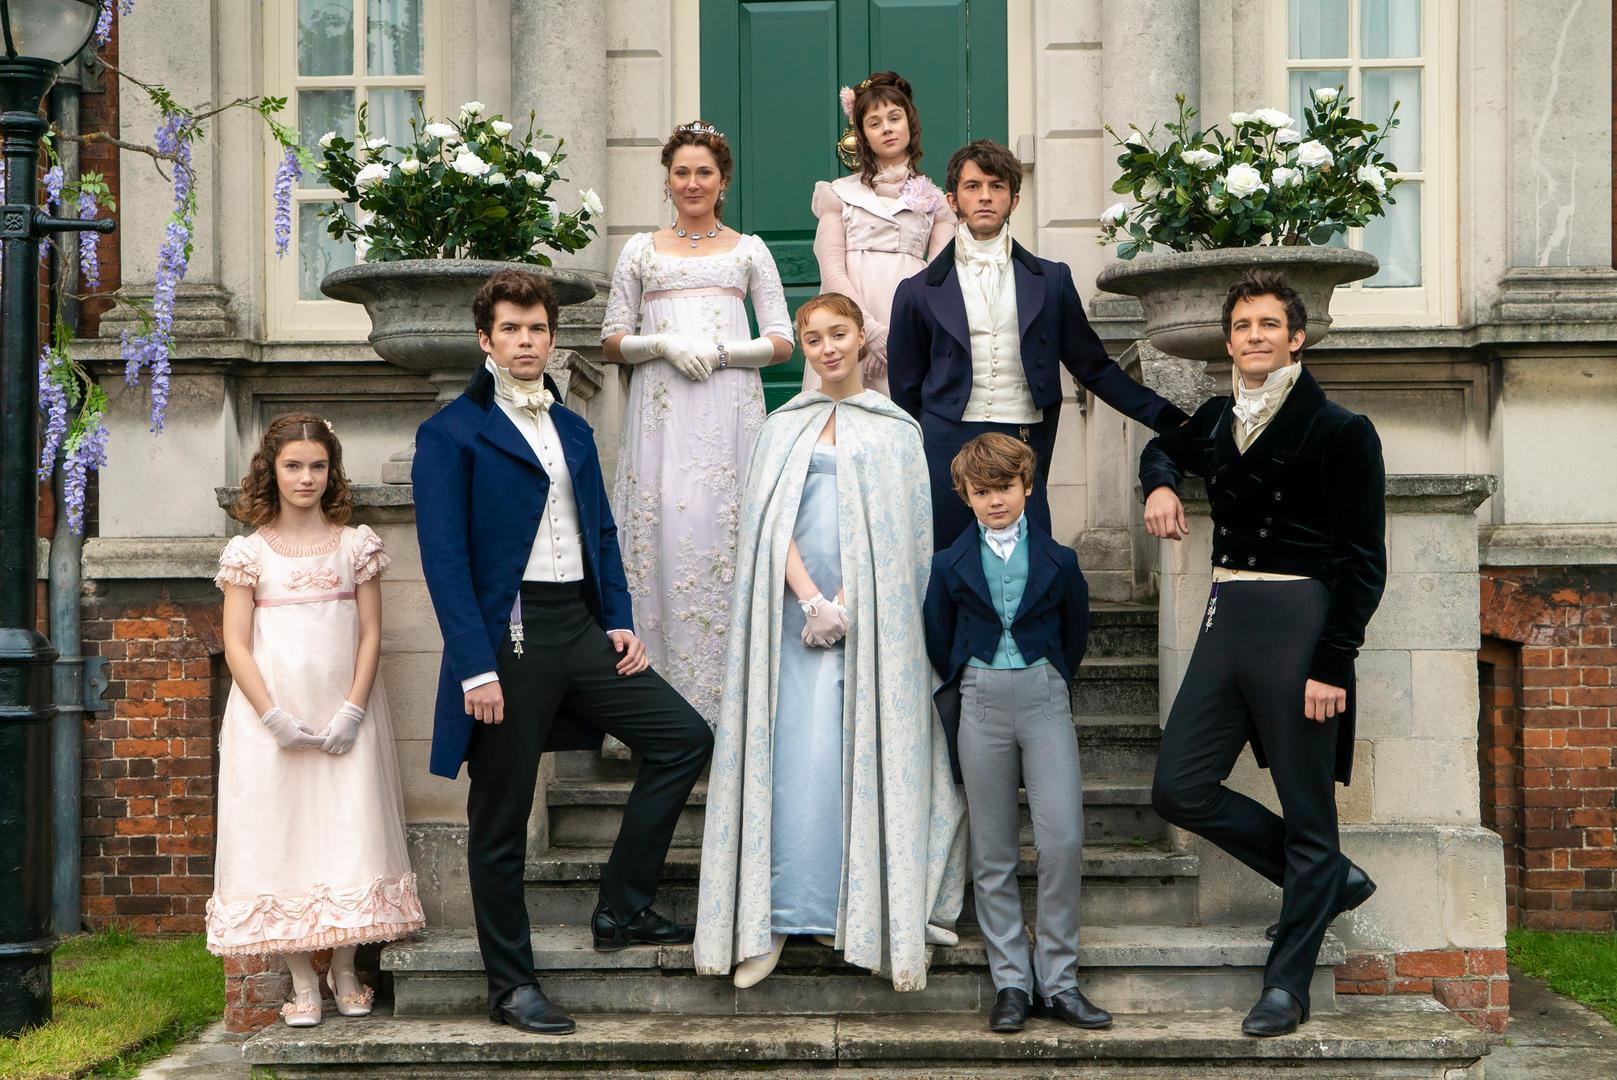 Bridgerton recensione serie TV Netflix -Shondaland con Phoebe Dynevor e Regé-Jean Page